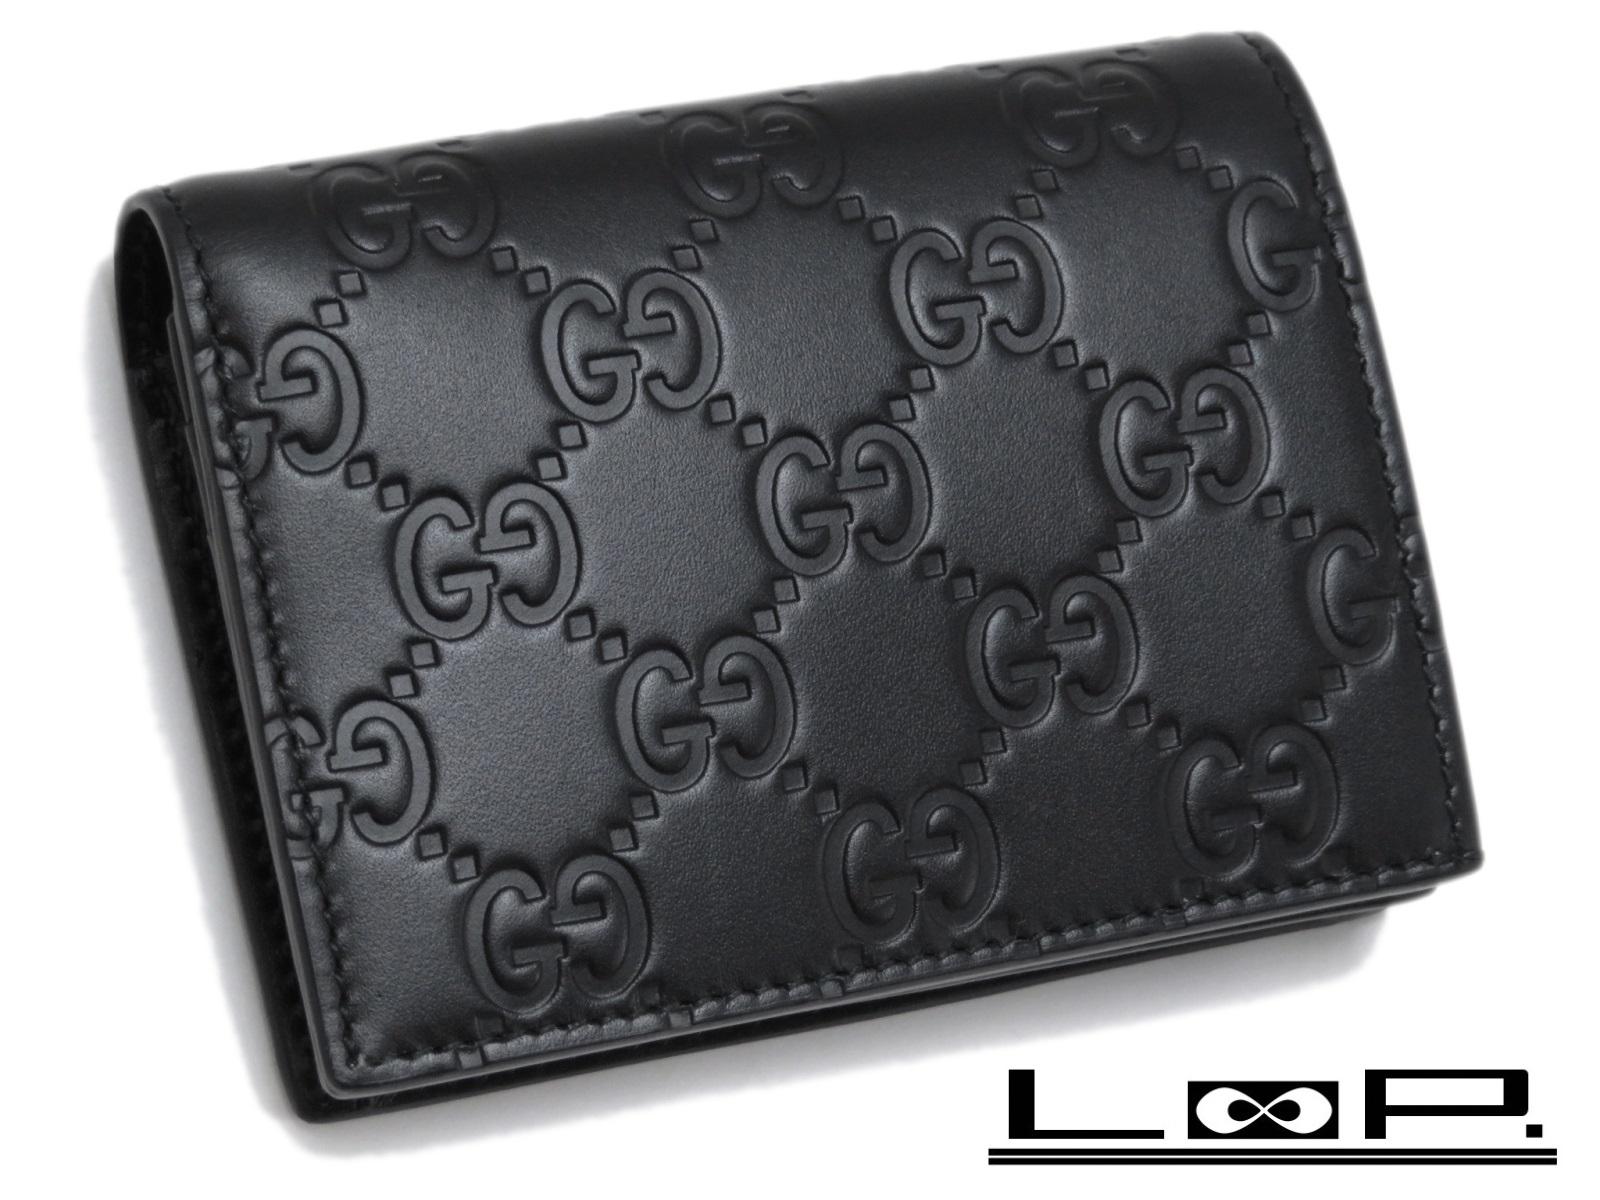 【未使用】 GUCCI グッチ 二つ折り 財布 サイフ カード ケース GG シマ レザー カーフ ブラック クロ 黒 410120 【A26451】 【中古】